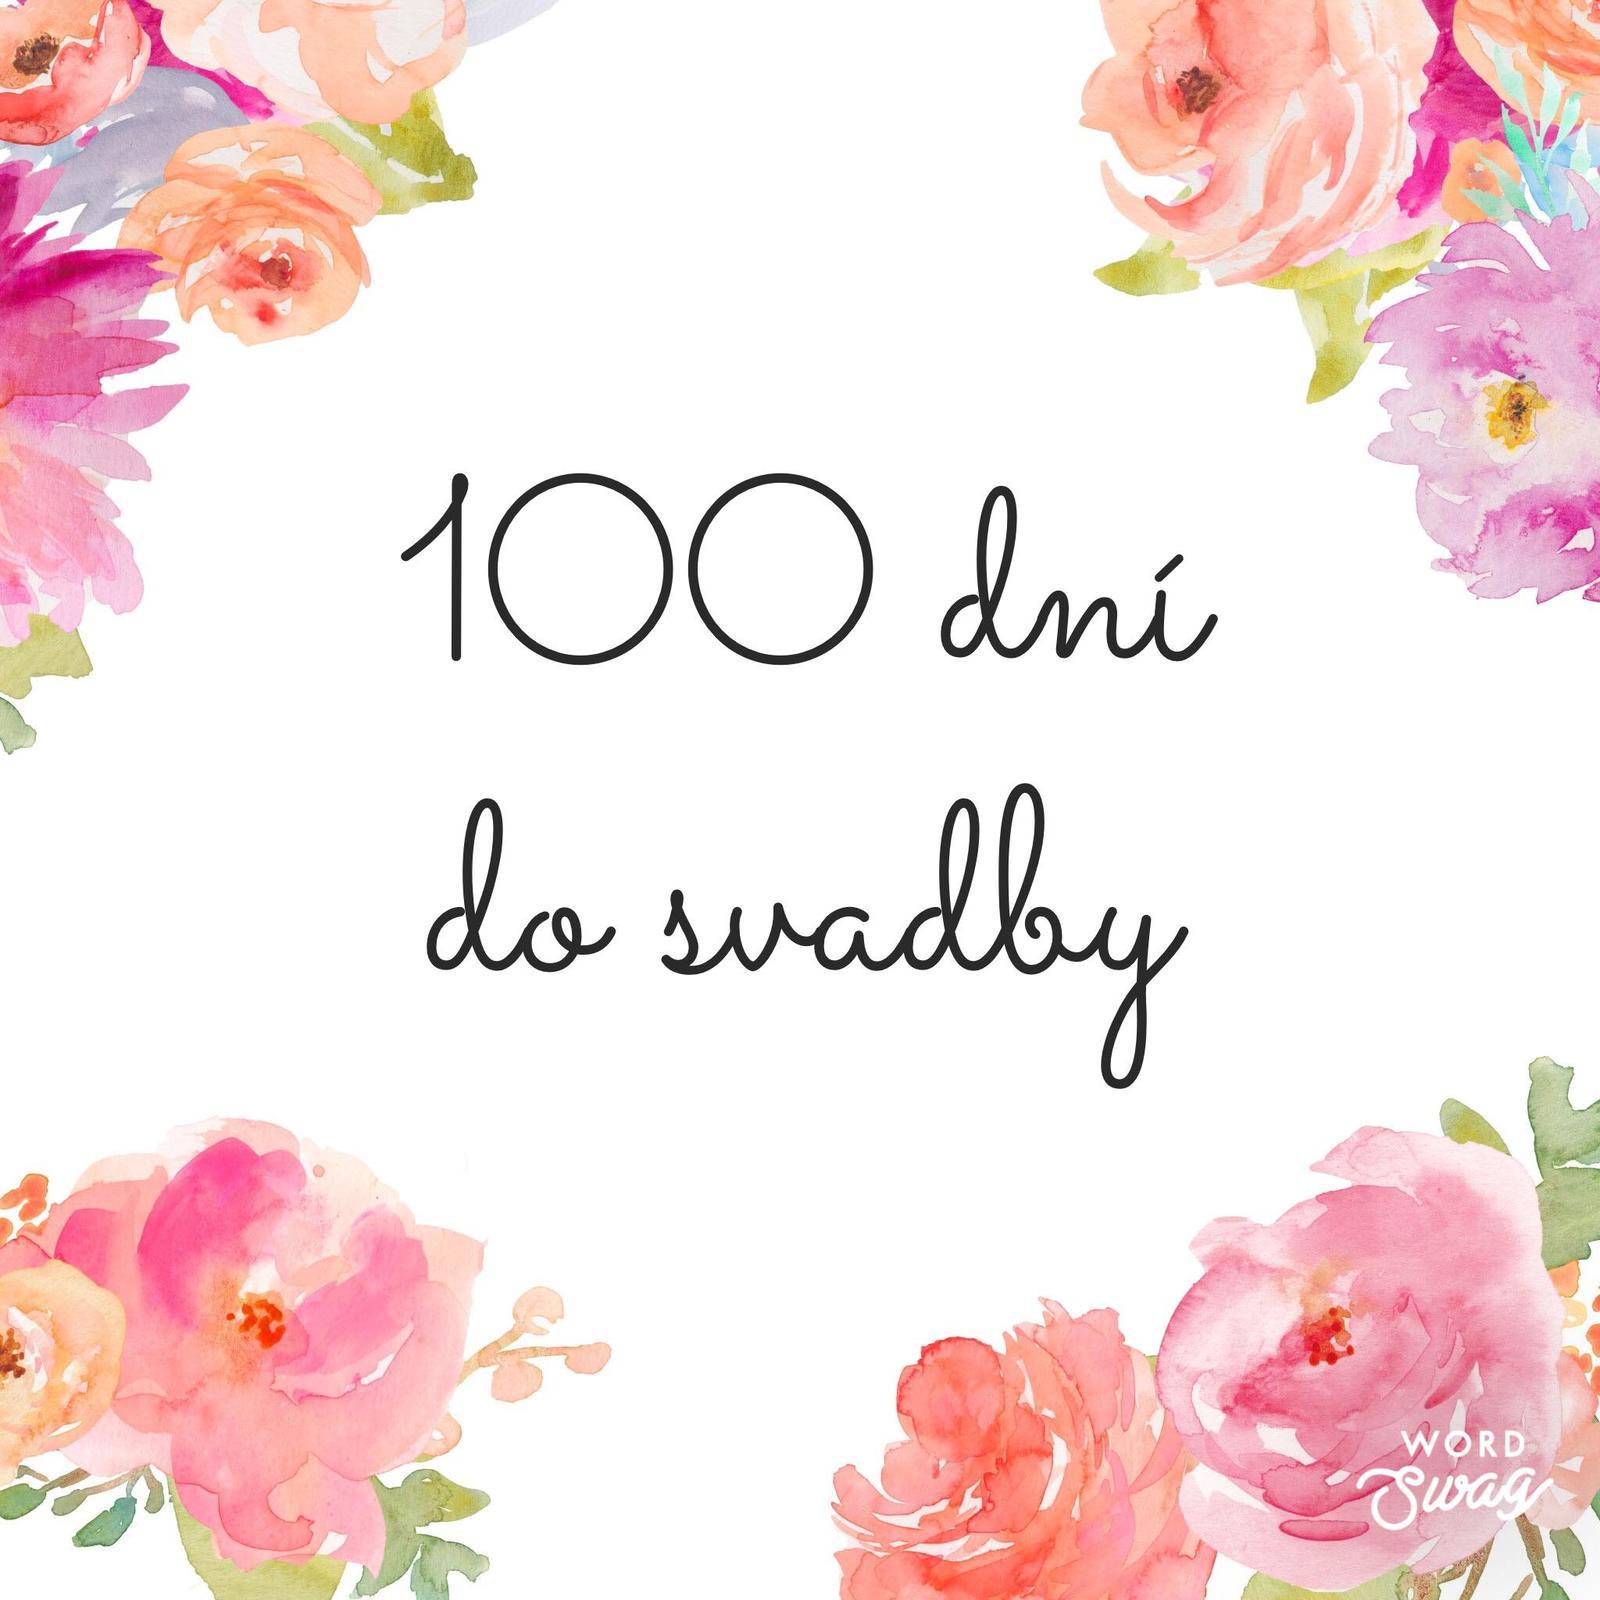 A je to tu! Tento rok je veľmi žiadaným termínom 1. 6. 2019 :) A práve dnes majú všetky tieto nevesty presne 100 dní do svadby!  Čo už máte vybavené, pripravené a čo vás ešte čaká? Teším sa na vaše odpovede :) - Obrázok č. 1